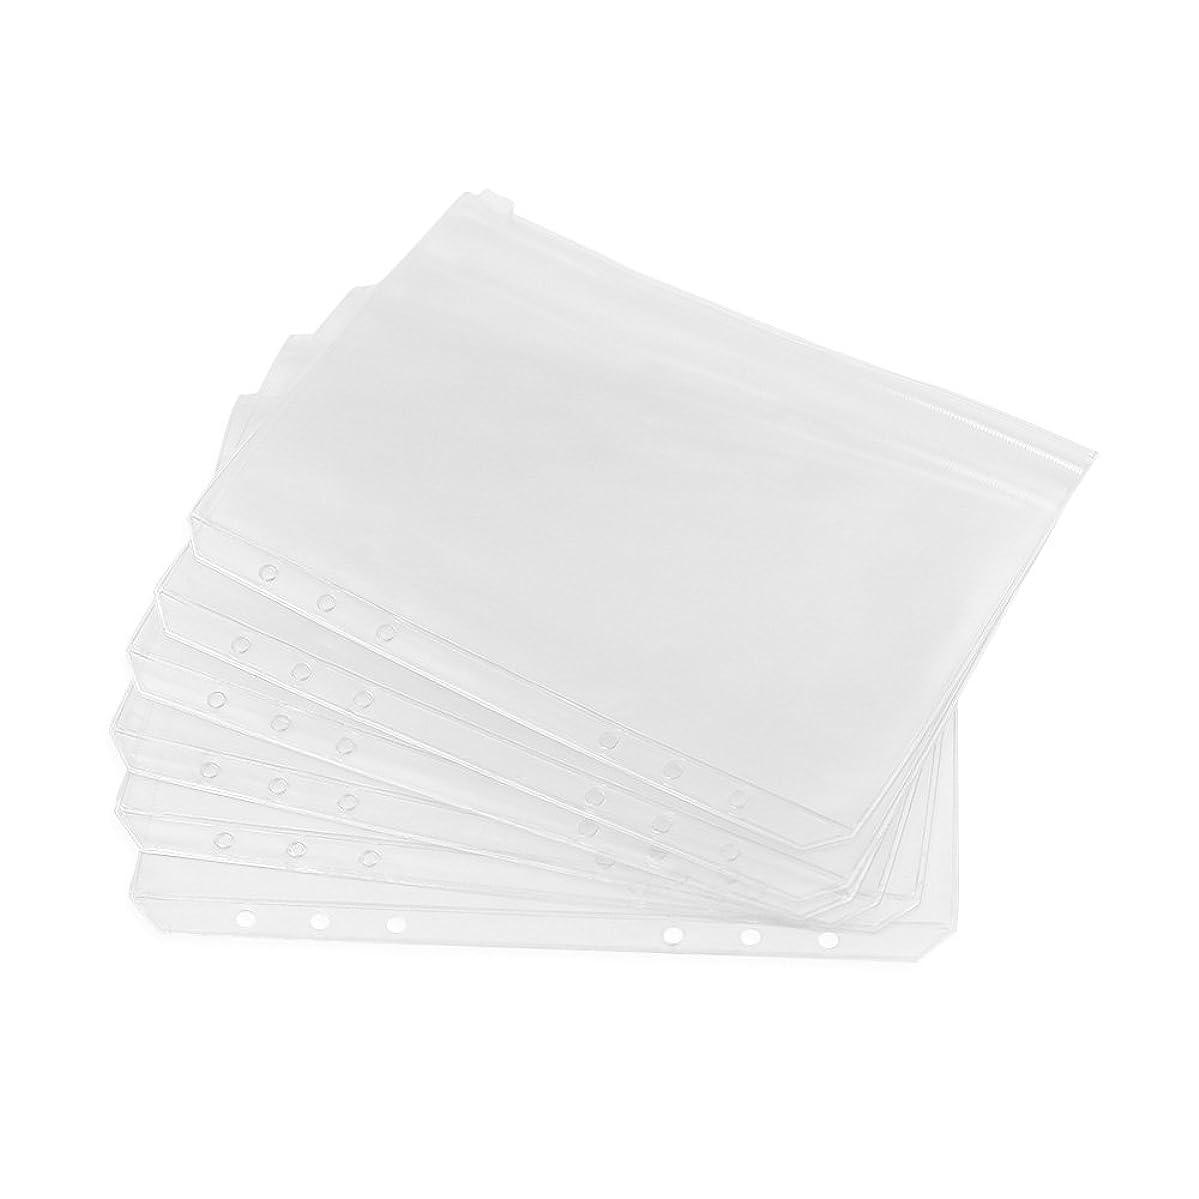 Zhi Jin 6 Holes A5 Clear Refills Binder Pocket Business Card Organiser Holder Storage Bag Zipper Case Bill Pouch 6Pcs of Set, A5-Zipper Bag